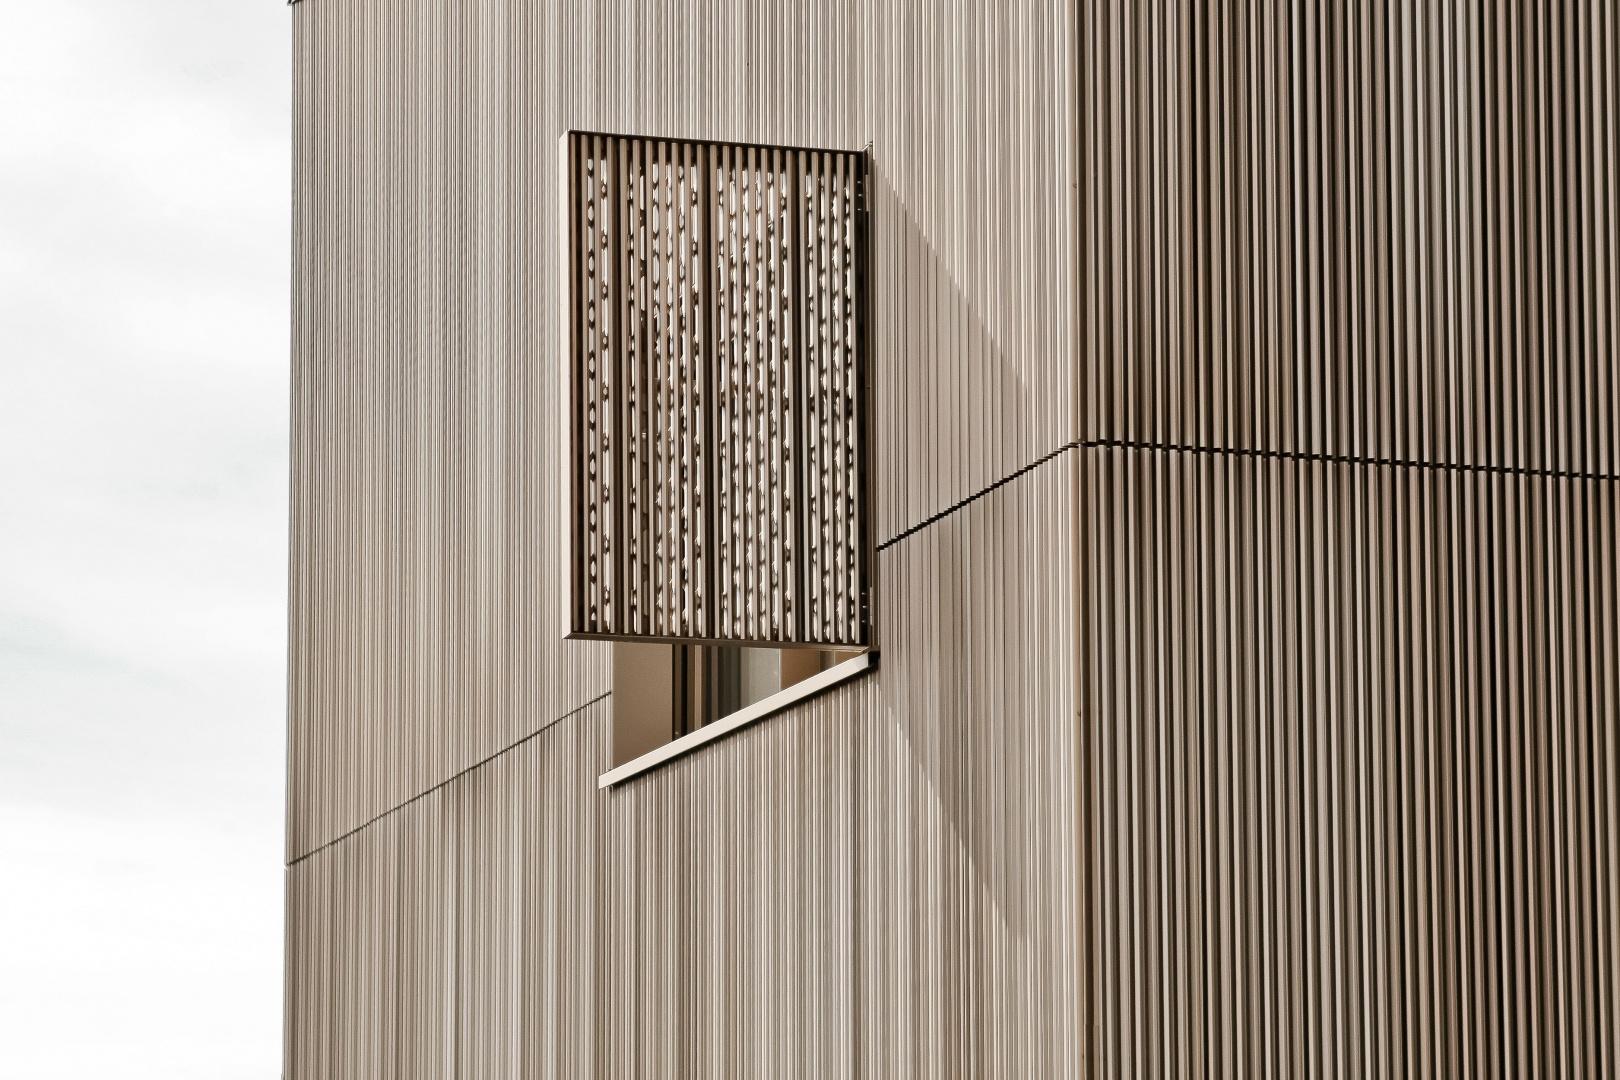 Treppenhaus architektur detail  Mehrfamilienhaus am Zürichberg   Schweizer Baudokumentation